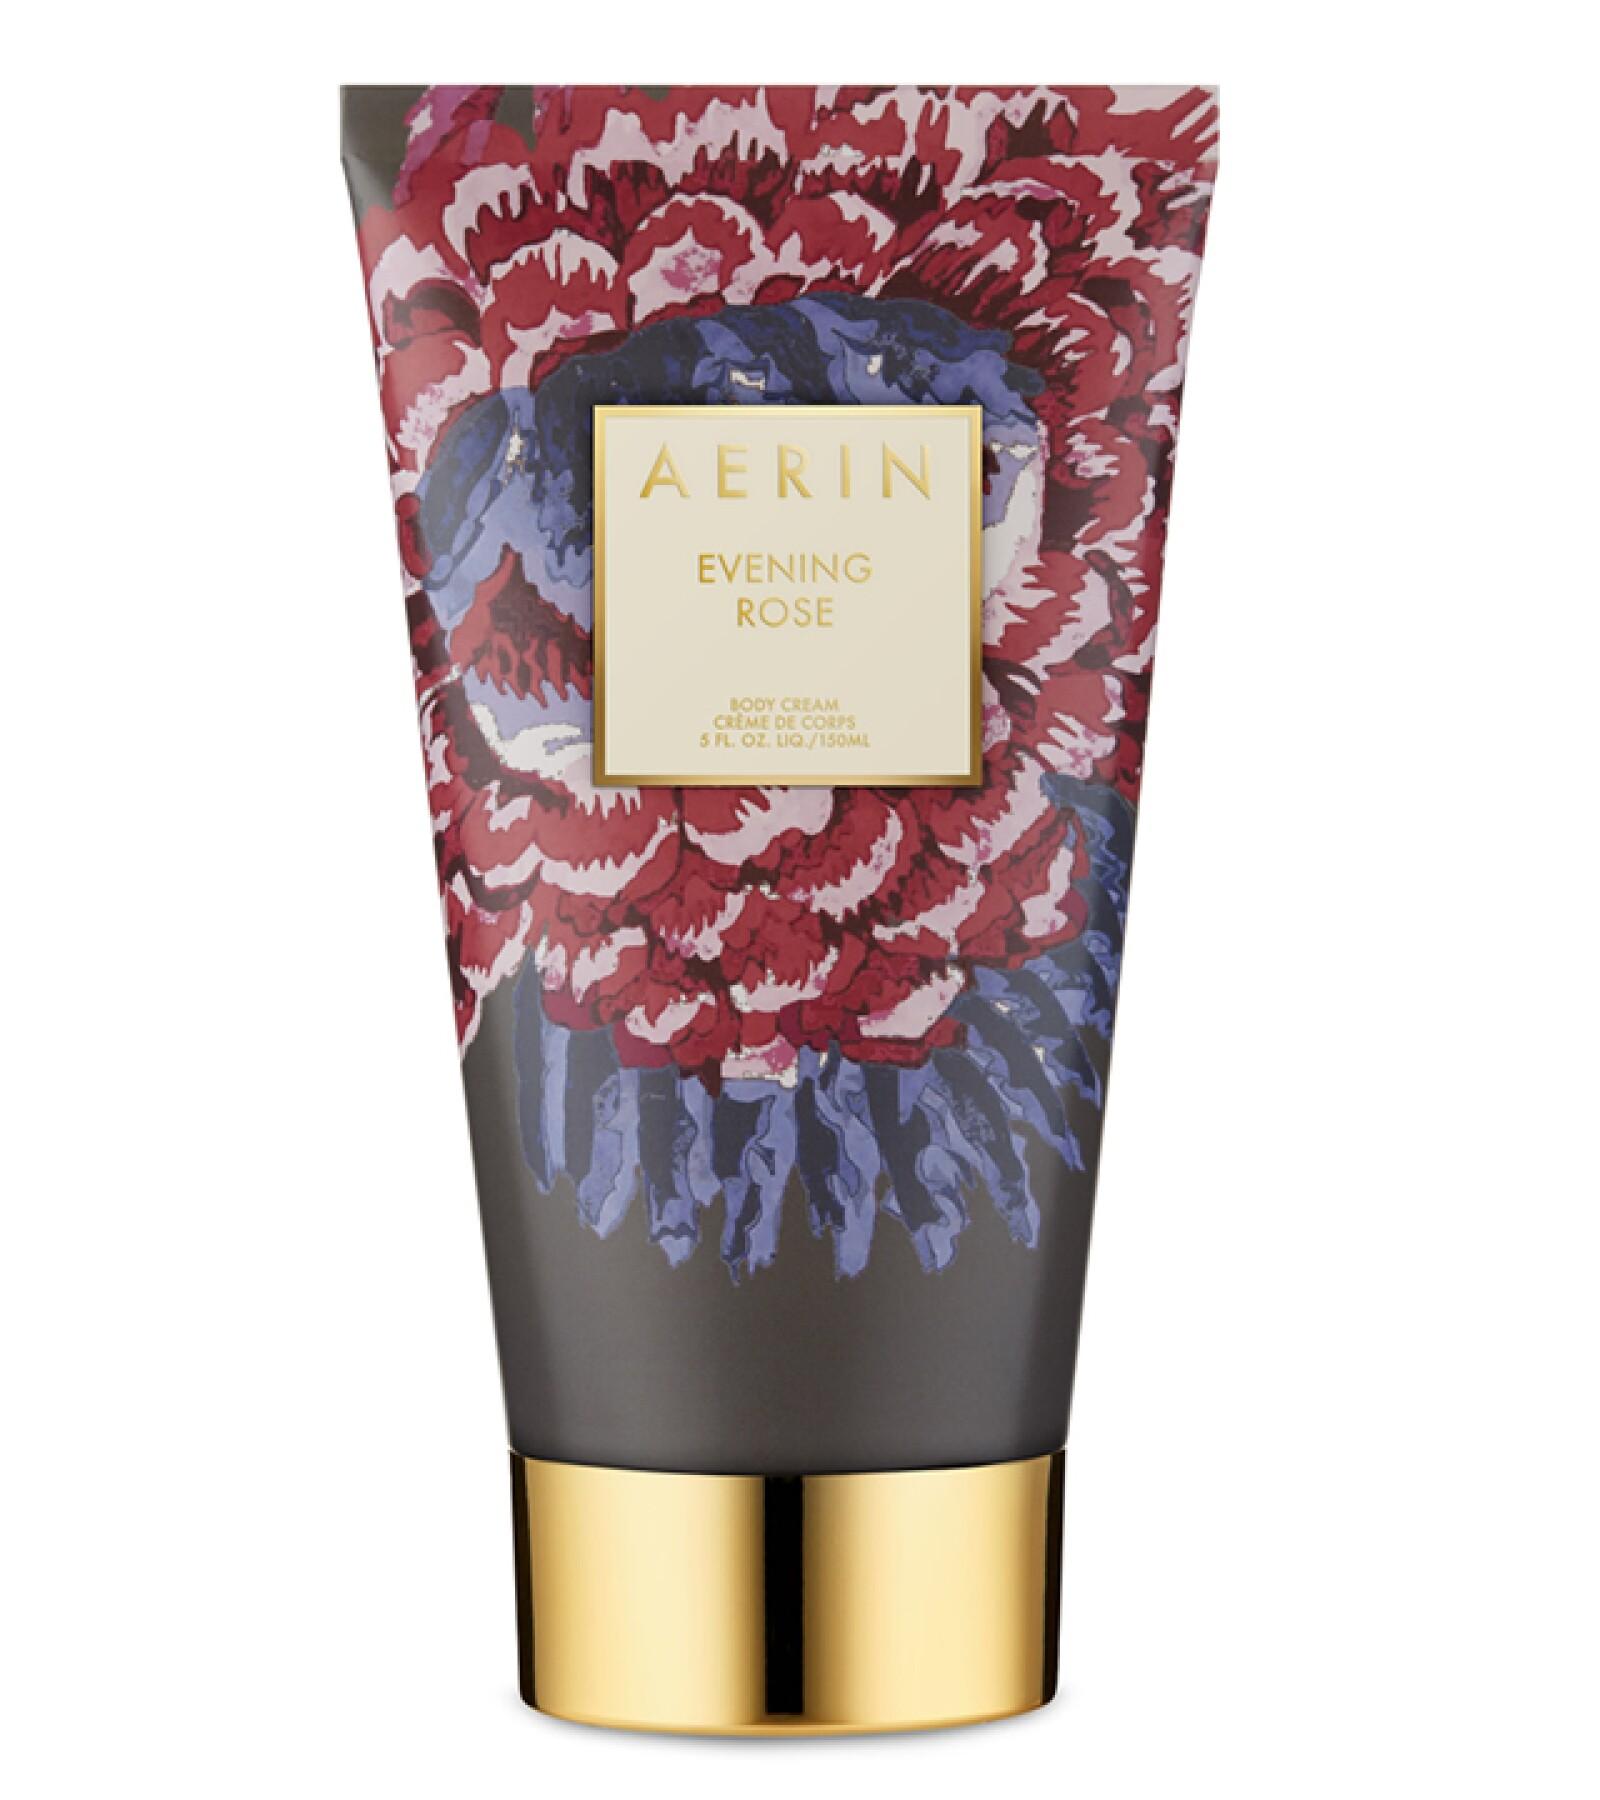 La Evening Rose Body Cream de Aerin es ideal si quieres suavizar y revitalizar tu piel al mismo tiempo. Además, su delicioso aroma dejará tu piel oliendo riquísimo por horas. El Palacio de Hierro Durango. Precio en punto de venta.